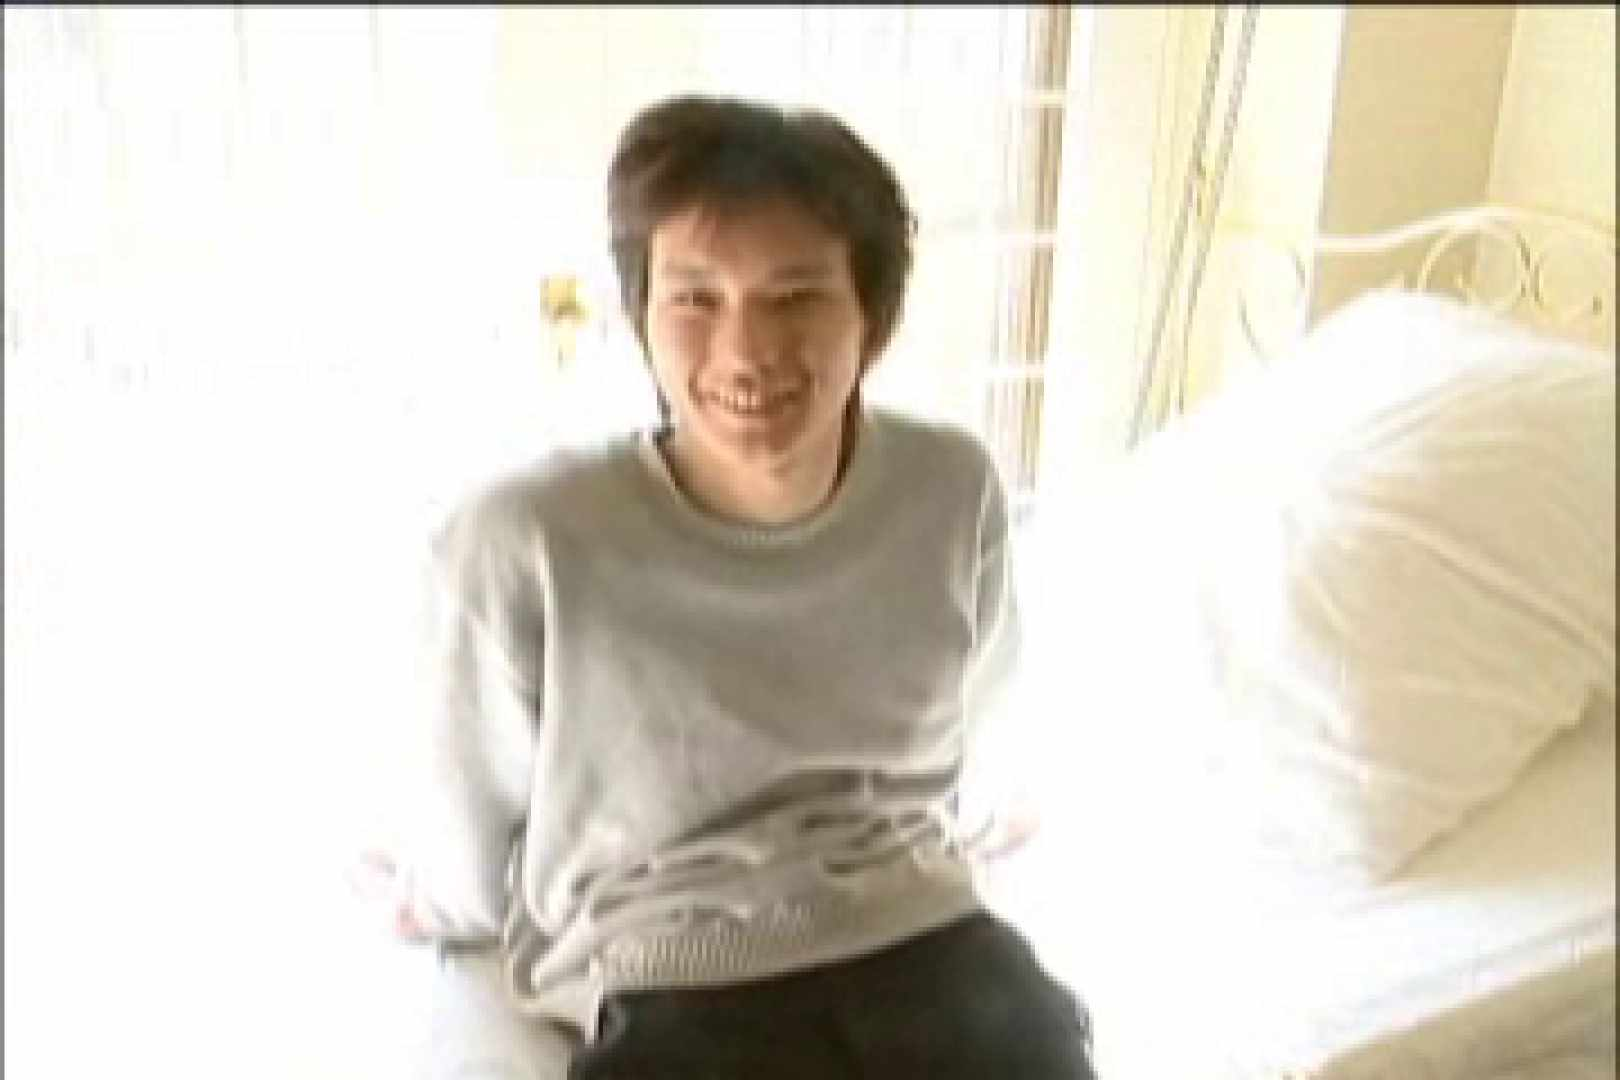 イケメン☆パラダイス〜男ざかりの君たちへ〜vol.26 アナル ゲイザーメン画像 92枚 31